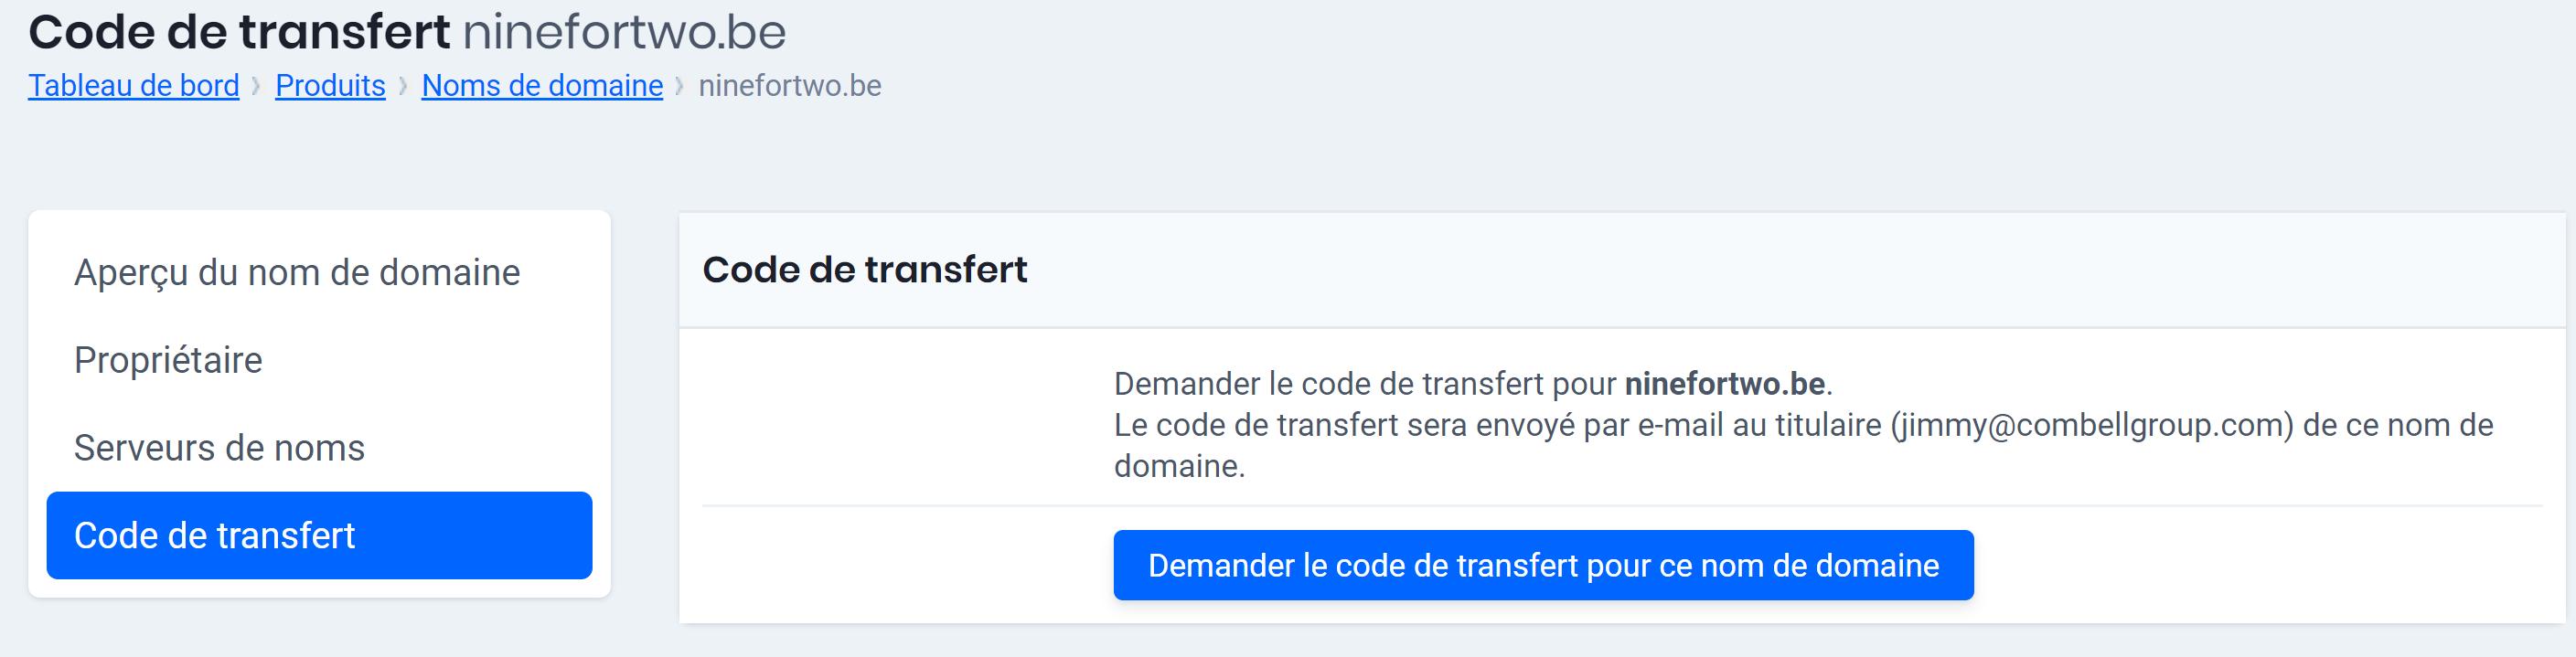 code de transfert